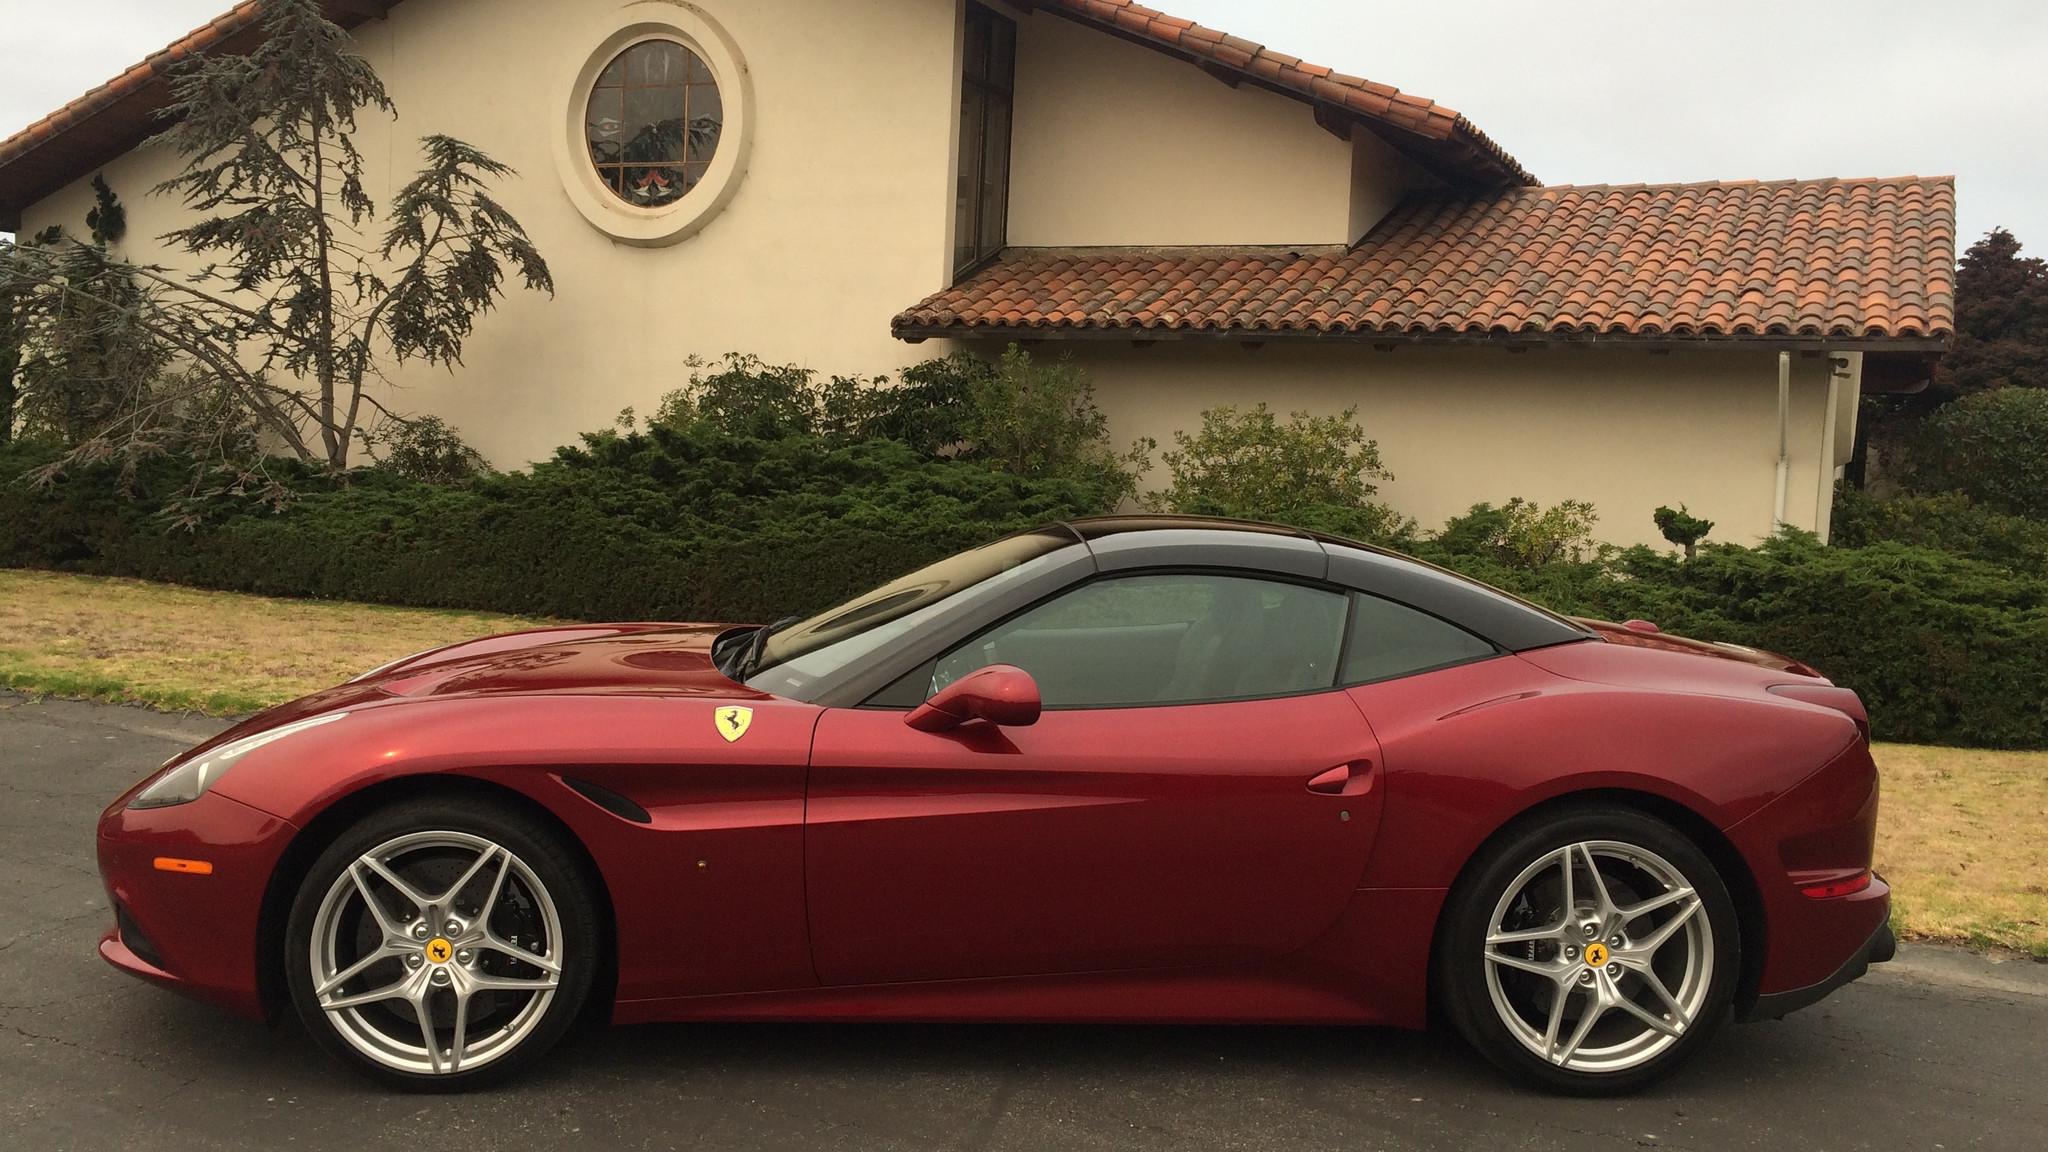 Driving the 2017 Ferrari California T HS